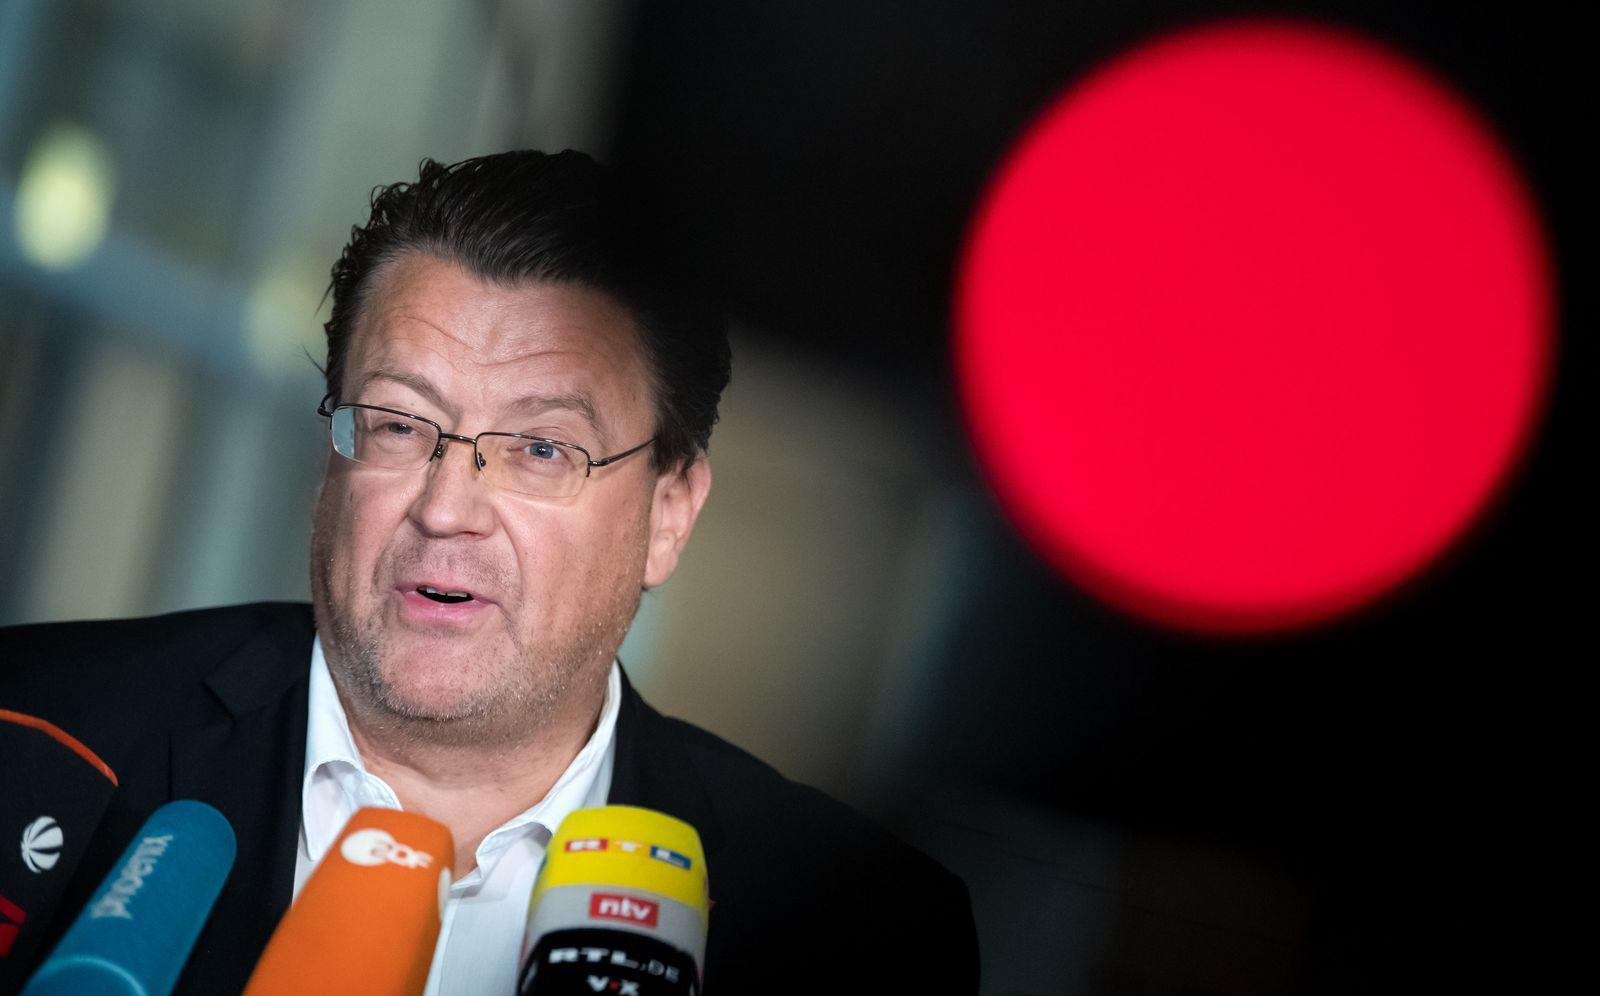 Statement der AfD-Bundestagsfraktion